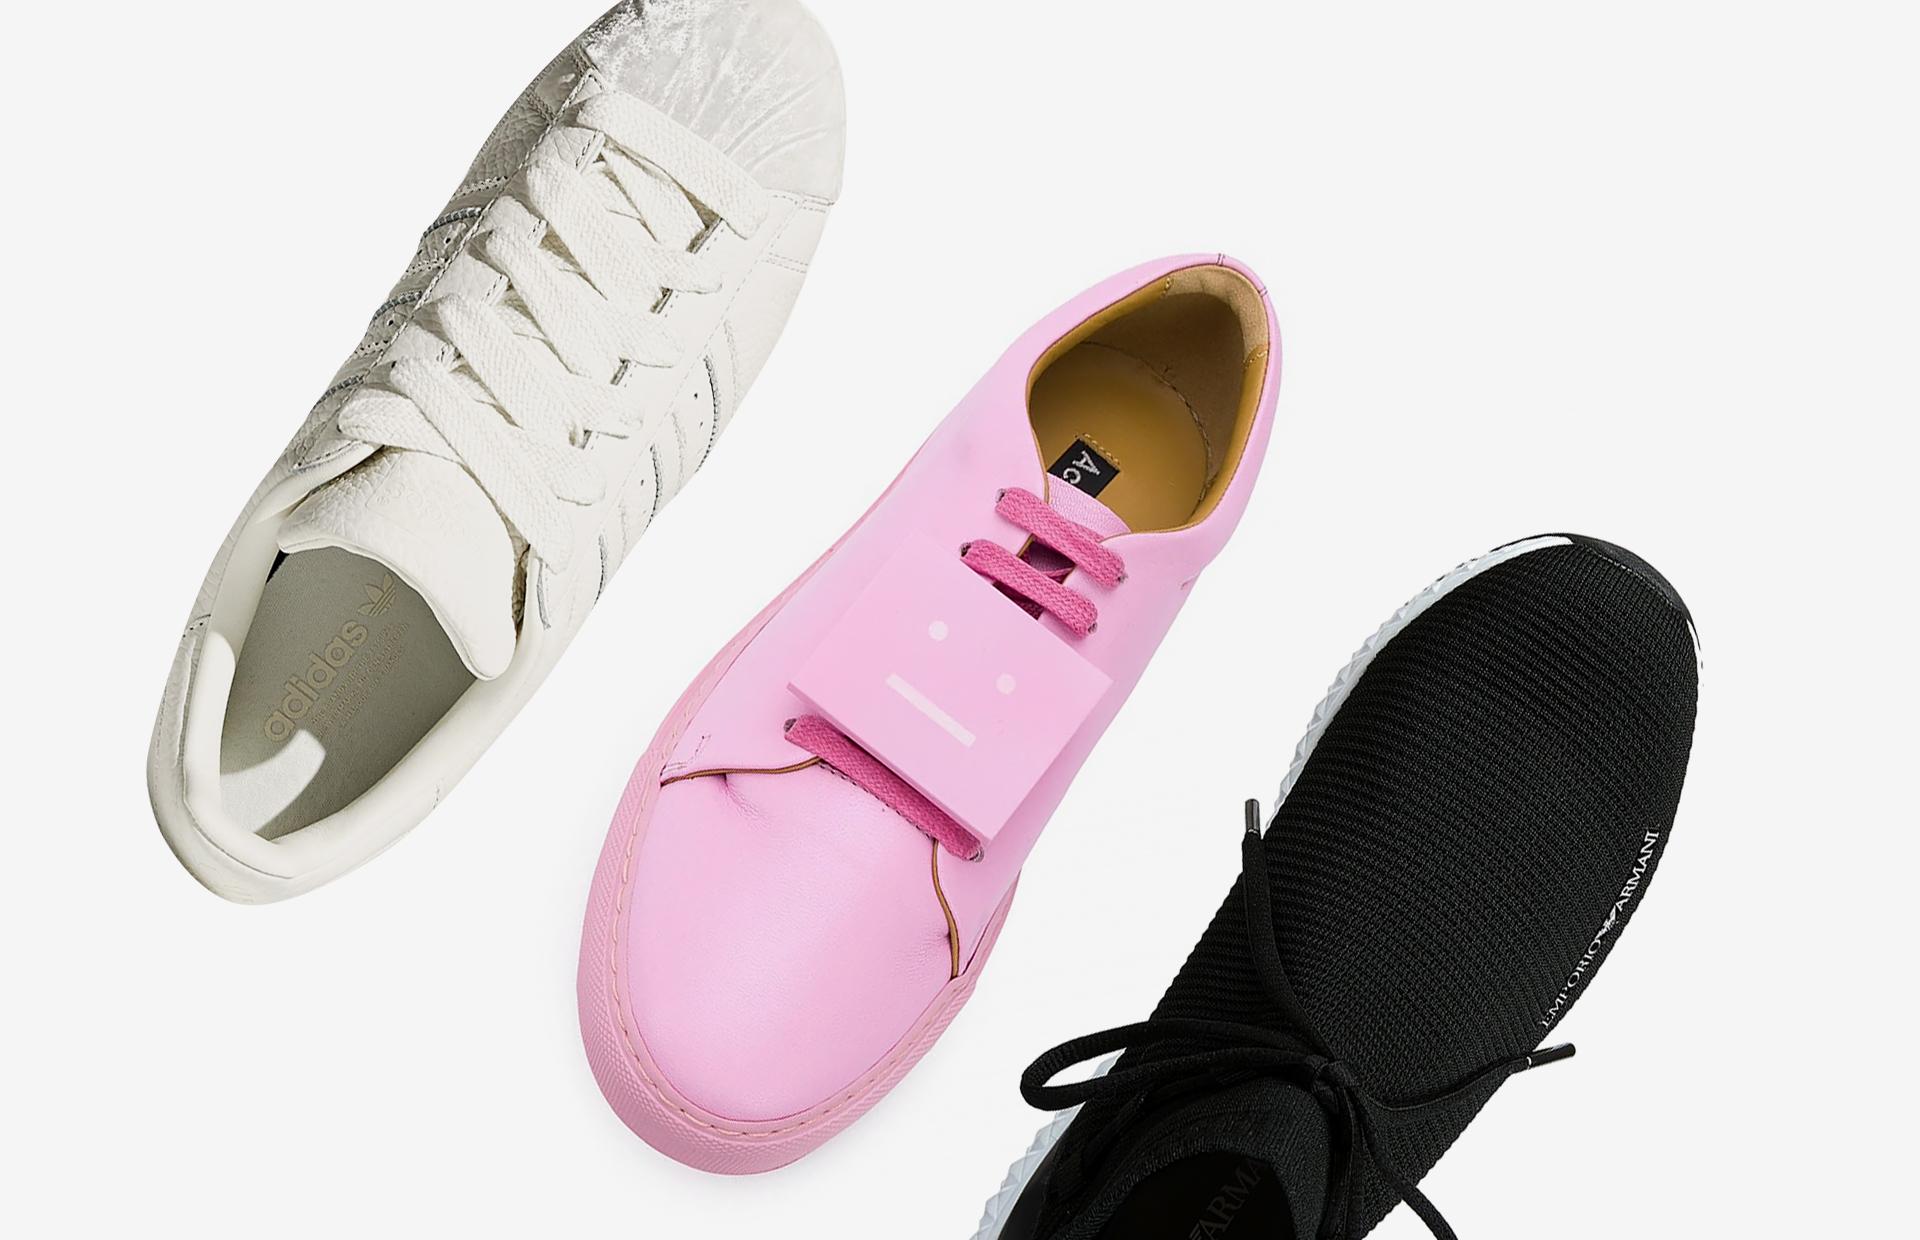 f891f6fa Почему всем надоели «уродливые» кроссовки и какие купить взамен? :: Мода ::  РБК Pink